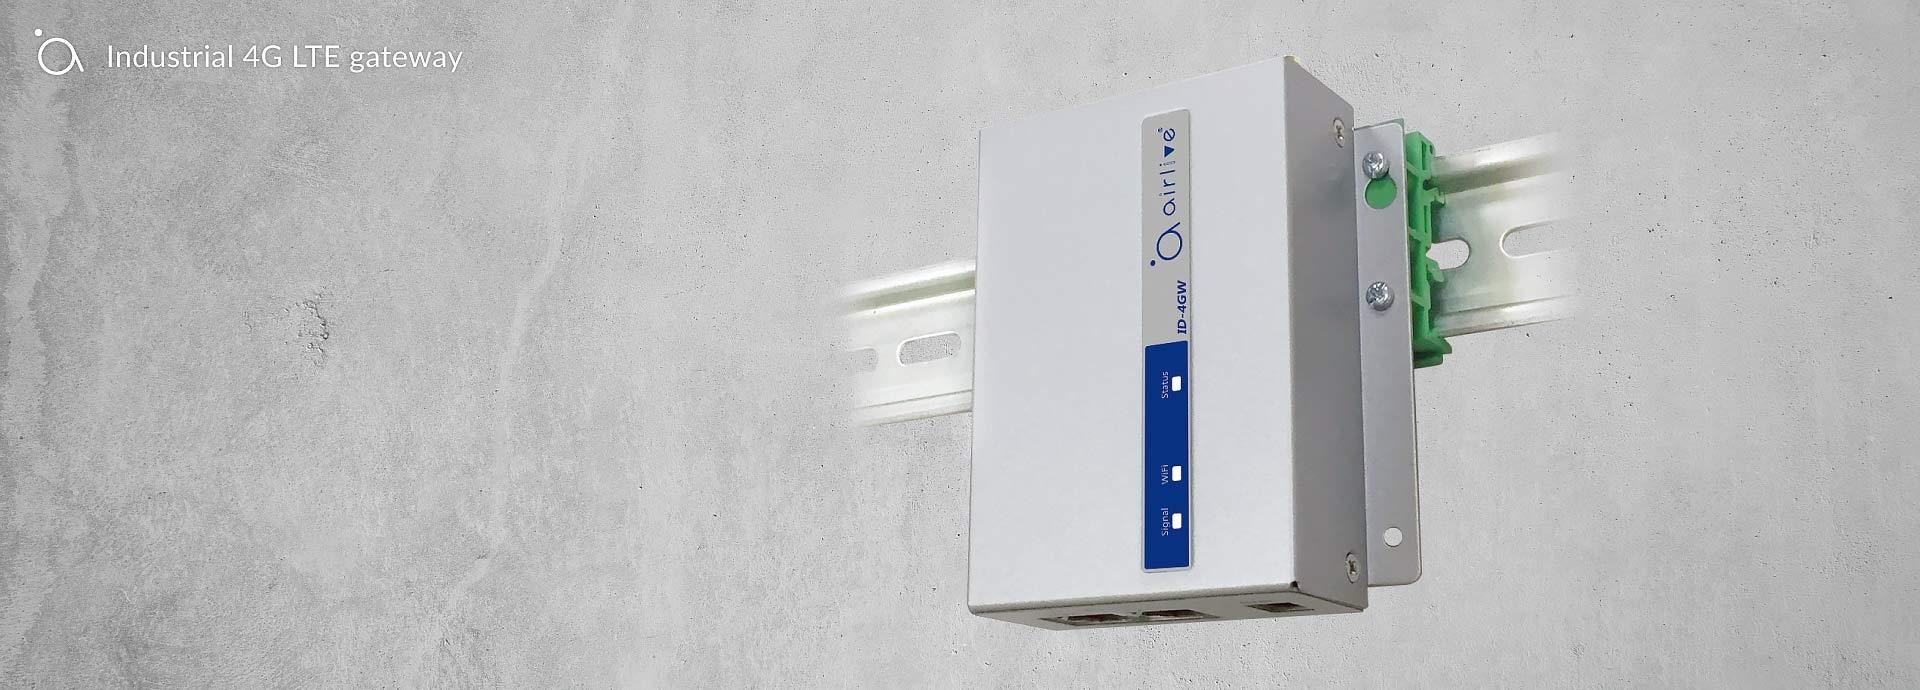 ID-4GW_Indoor 4G LTE Gateway Series_4G LTE Gateway_SMB